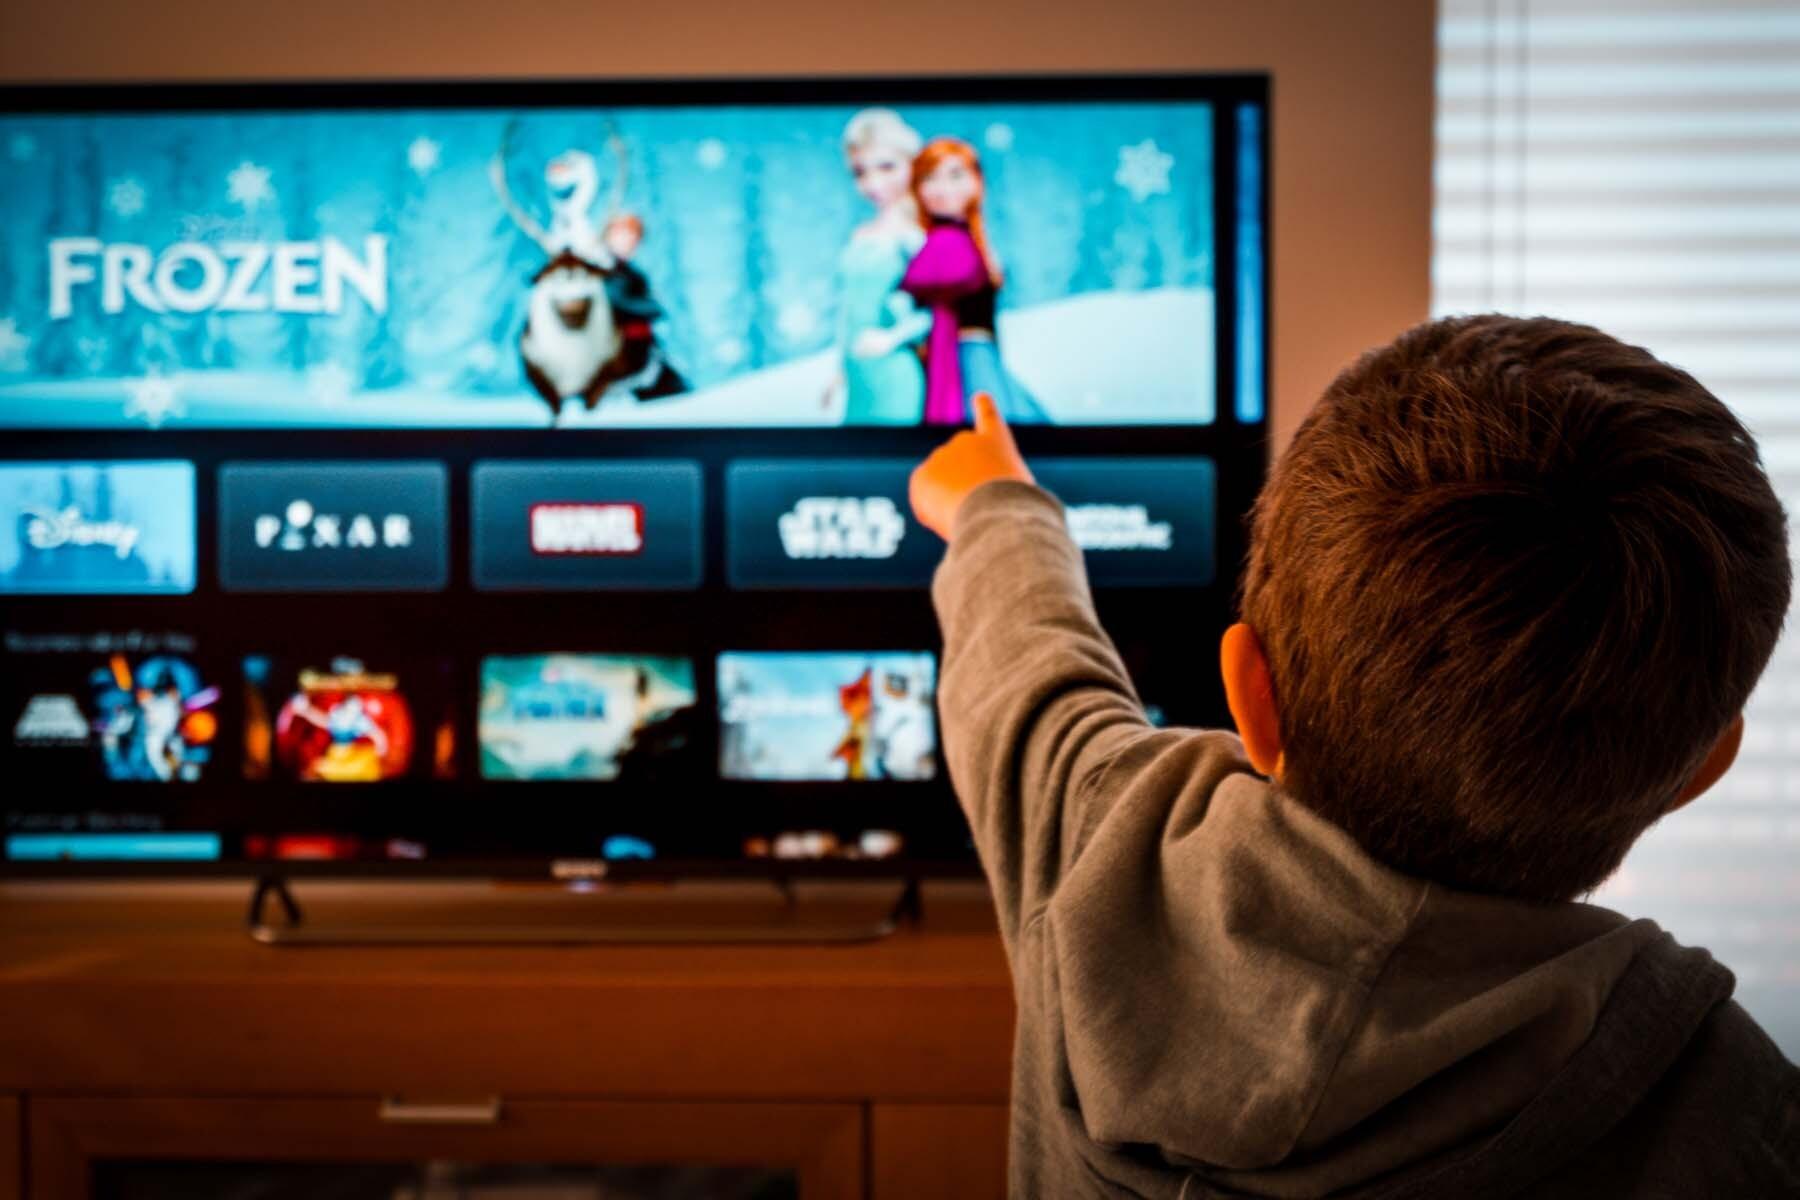 TV Austria Frozen